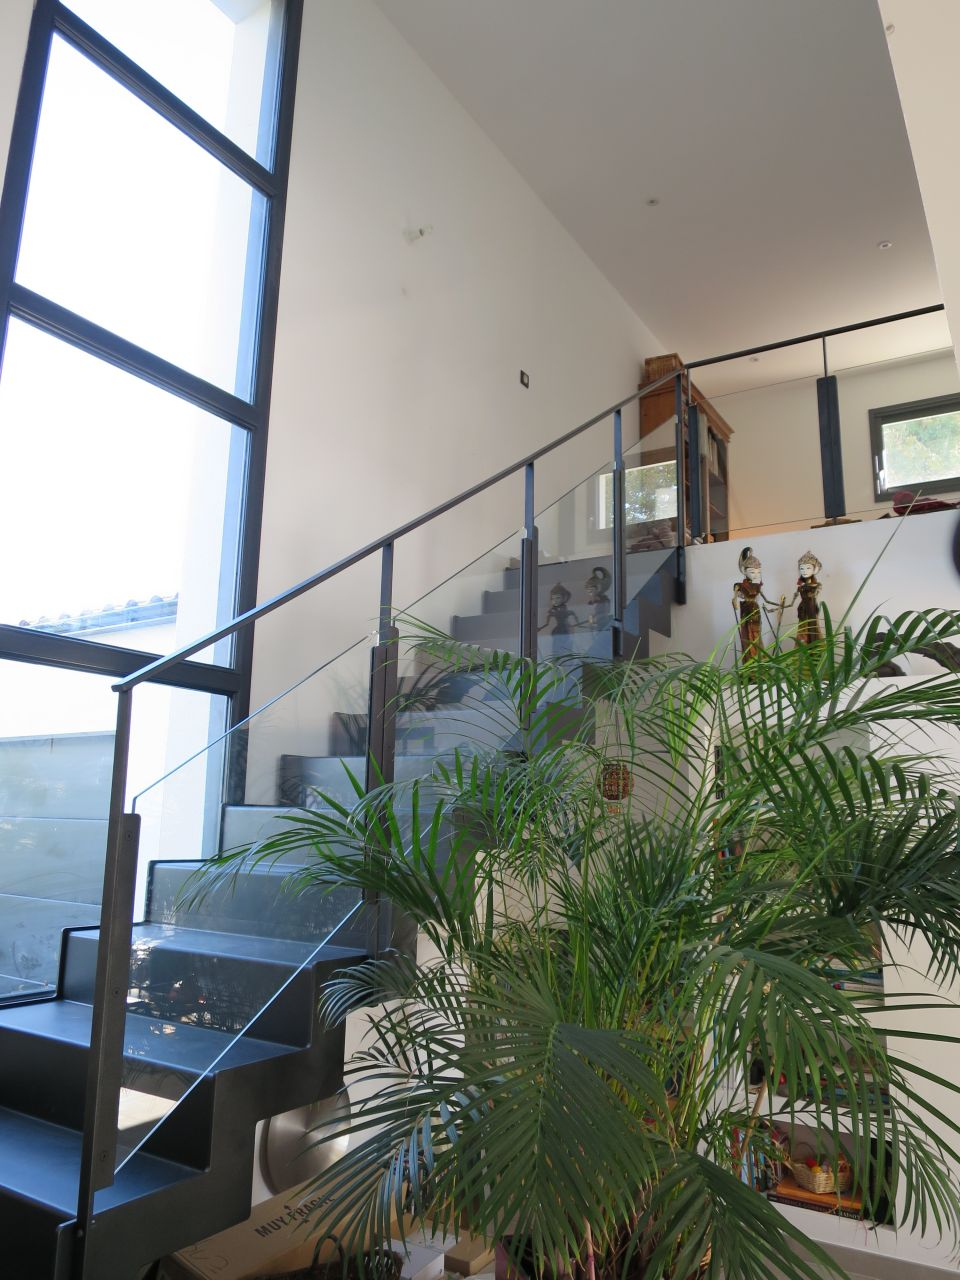 vue de l'escalier